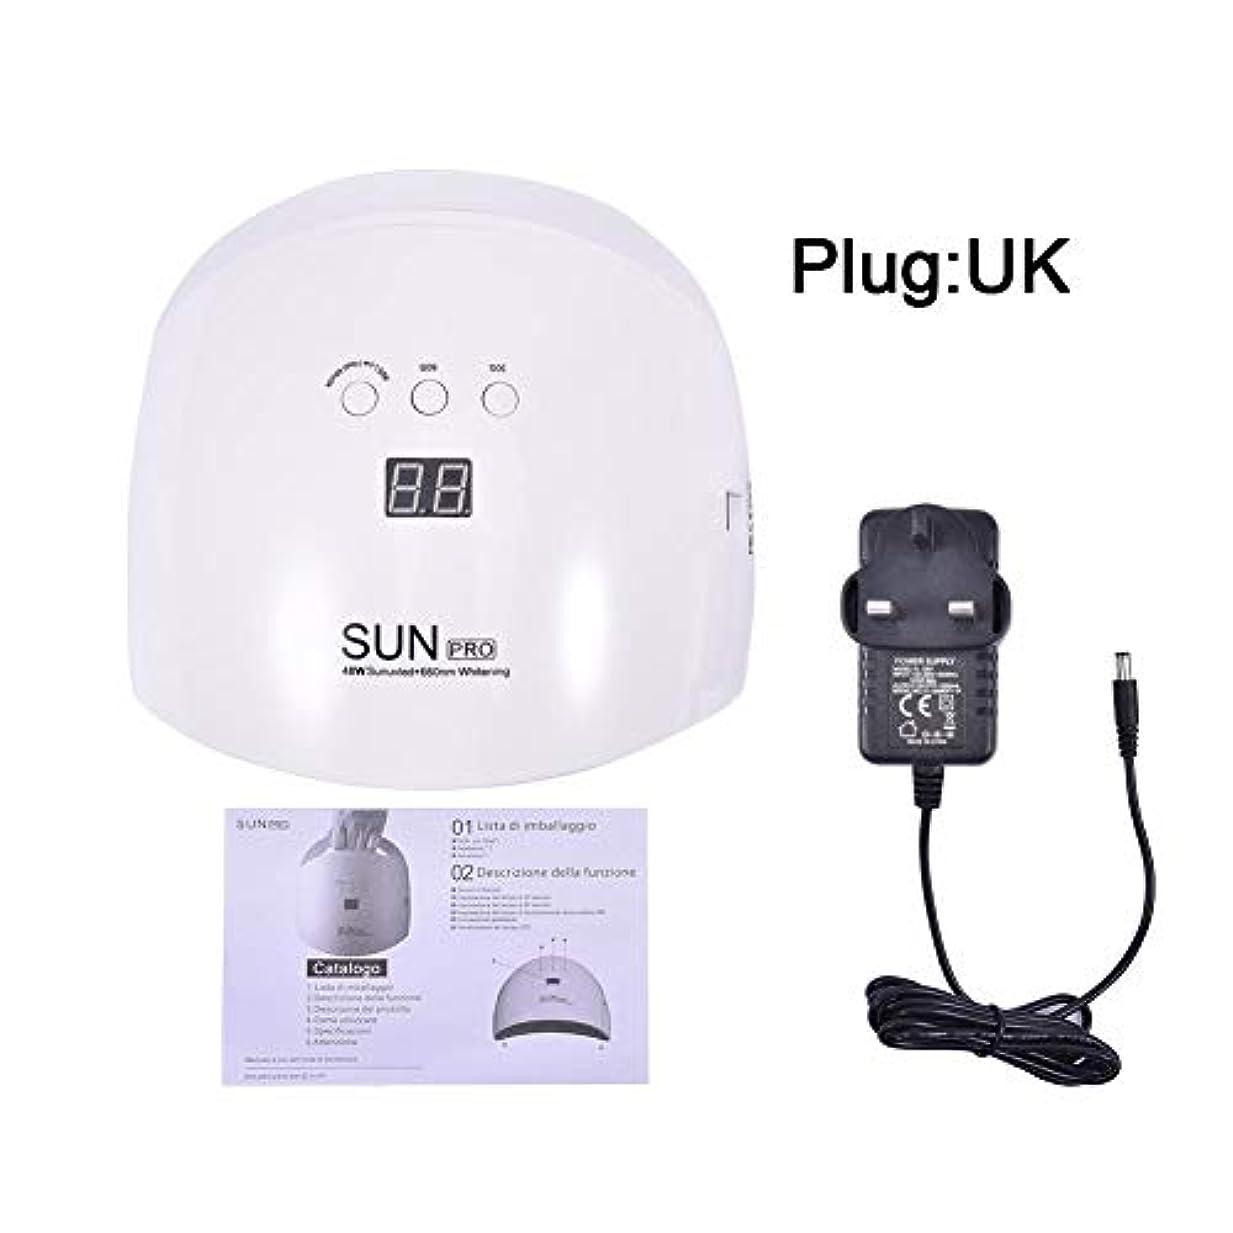 失われた飛び込む劇場48W Dual Light Source Nail Light Therapy Lamp 23 LED Induction Nail Dryer Suitable For All Gel Nails Beauty And...